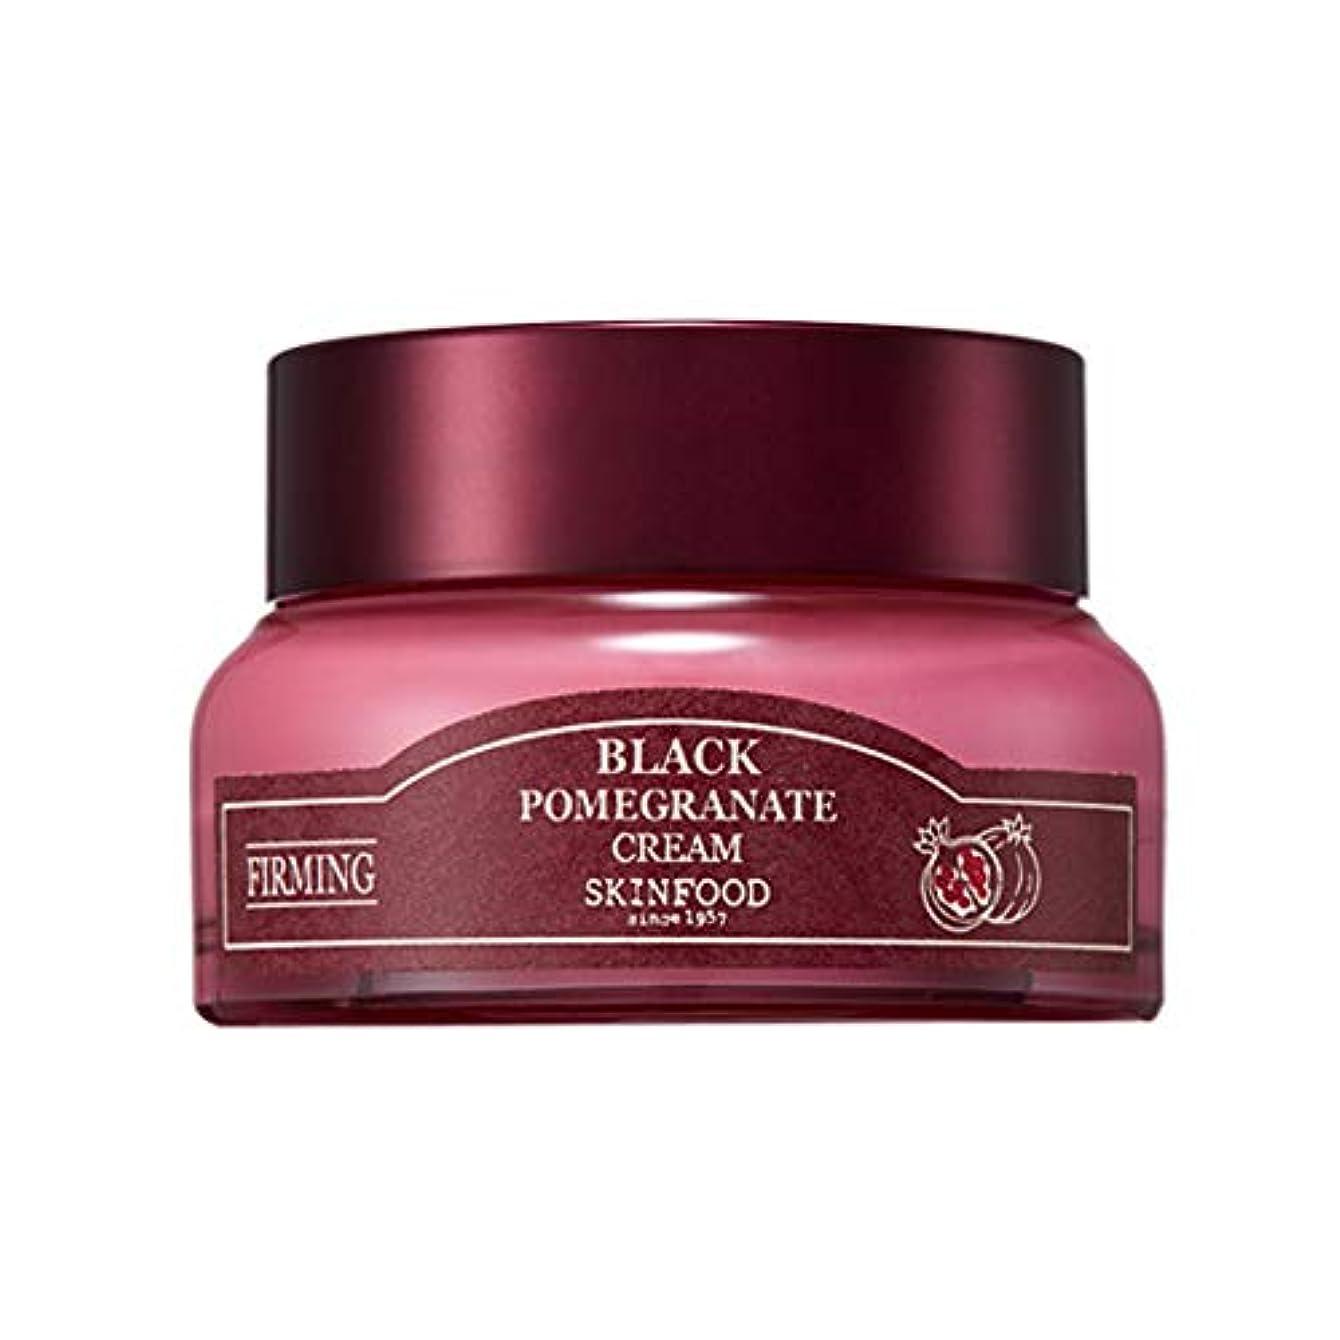 ロック寄付広告[リニューアル] スキンフード 黒ザクロ クリーム 54ml / SKINFOOD Black Pomegranate Cream 54ml [並行輸入品]